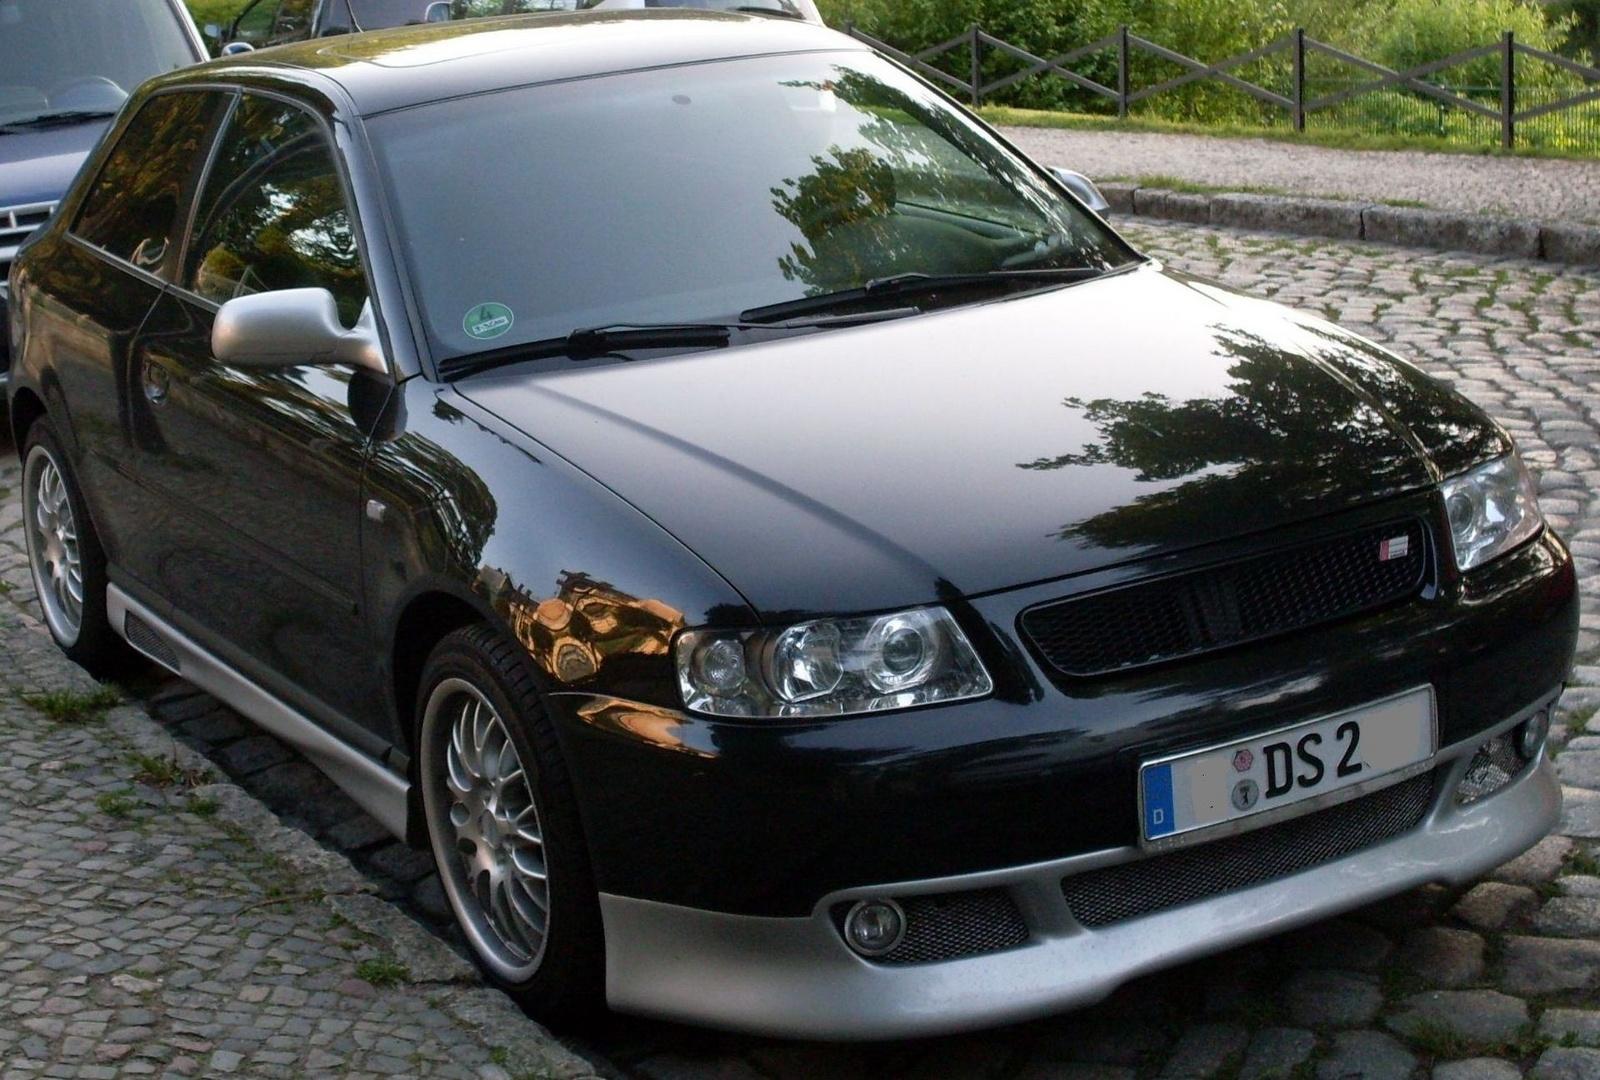 2000 Audi A3 - Pictures - CarGurus